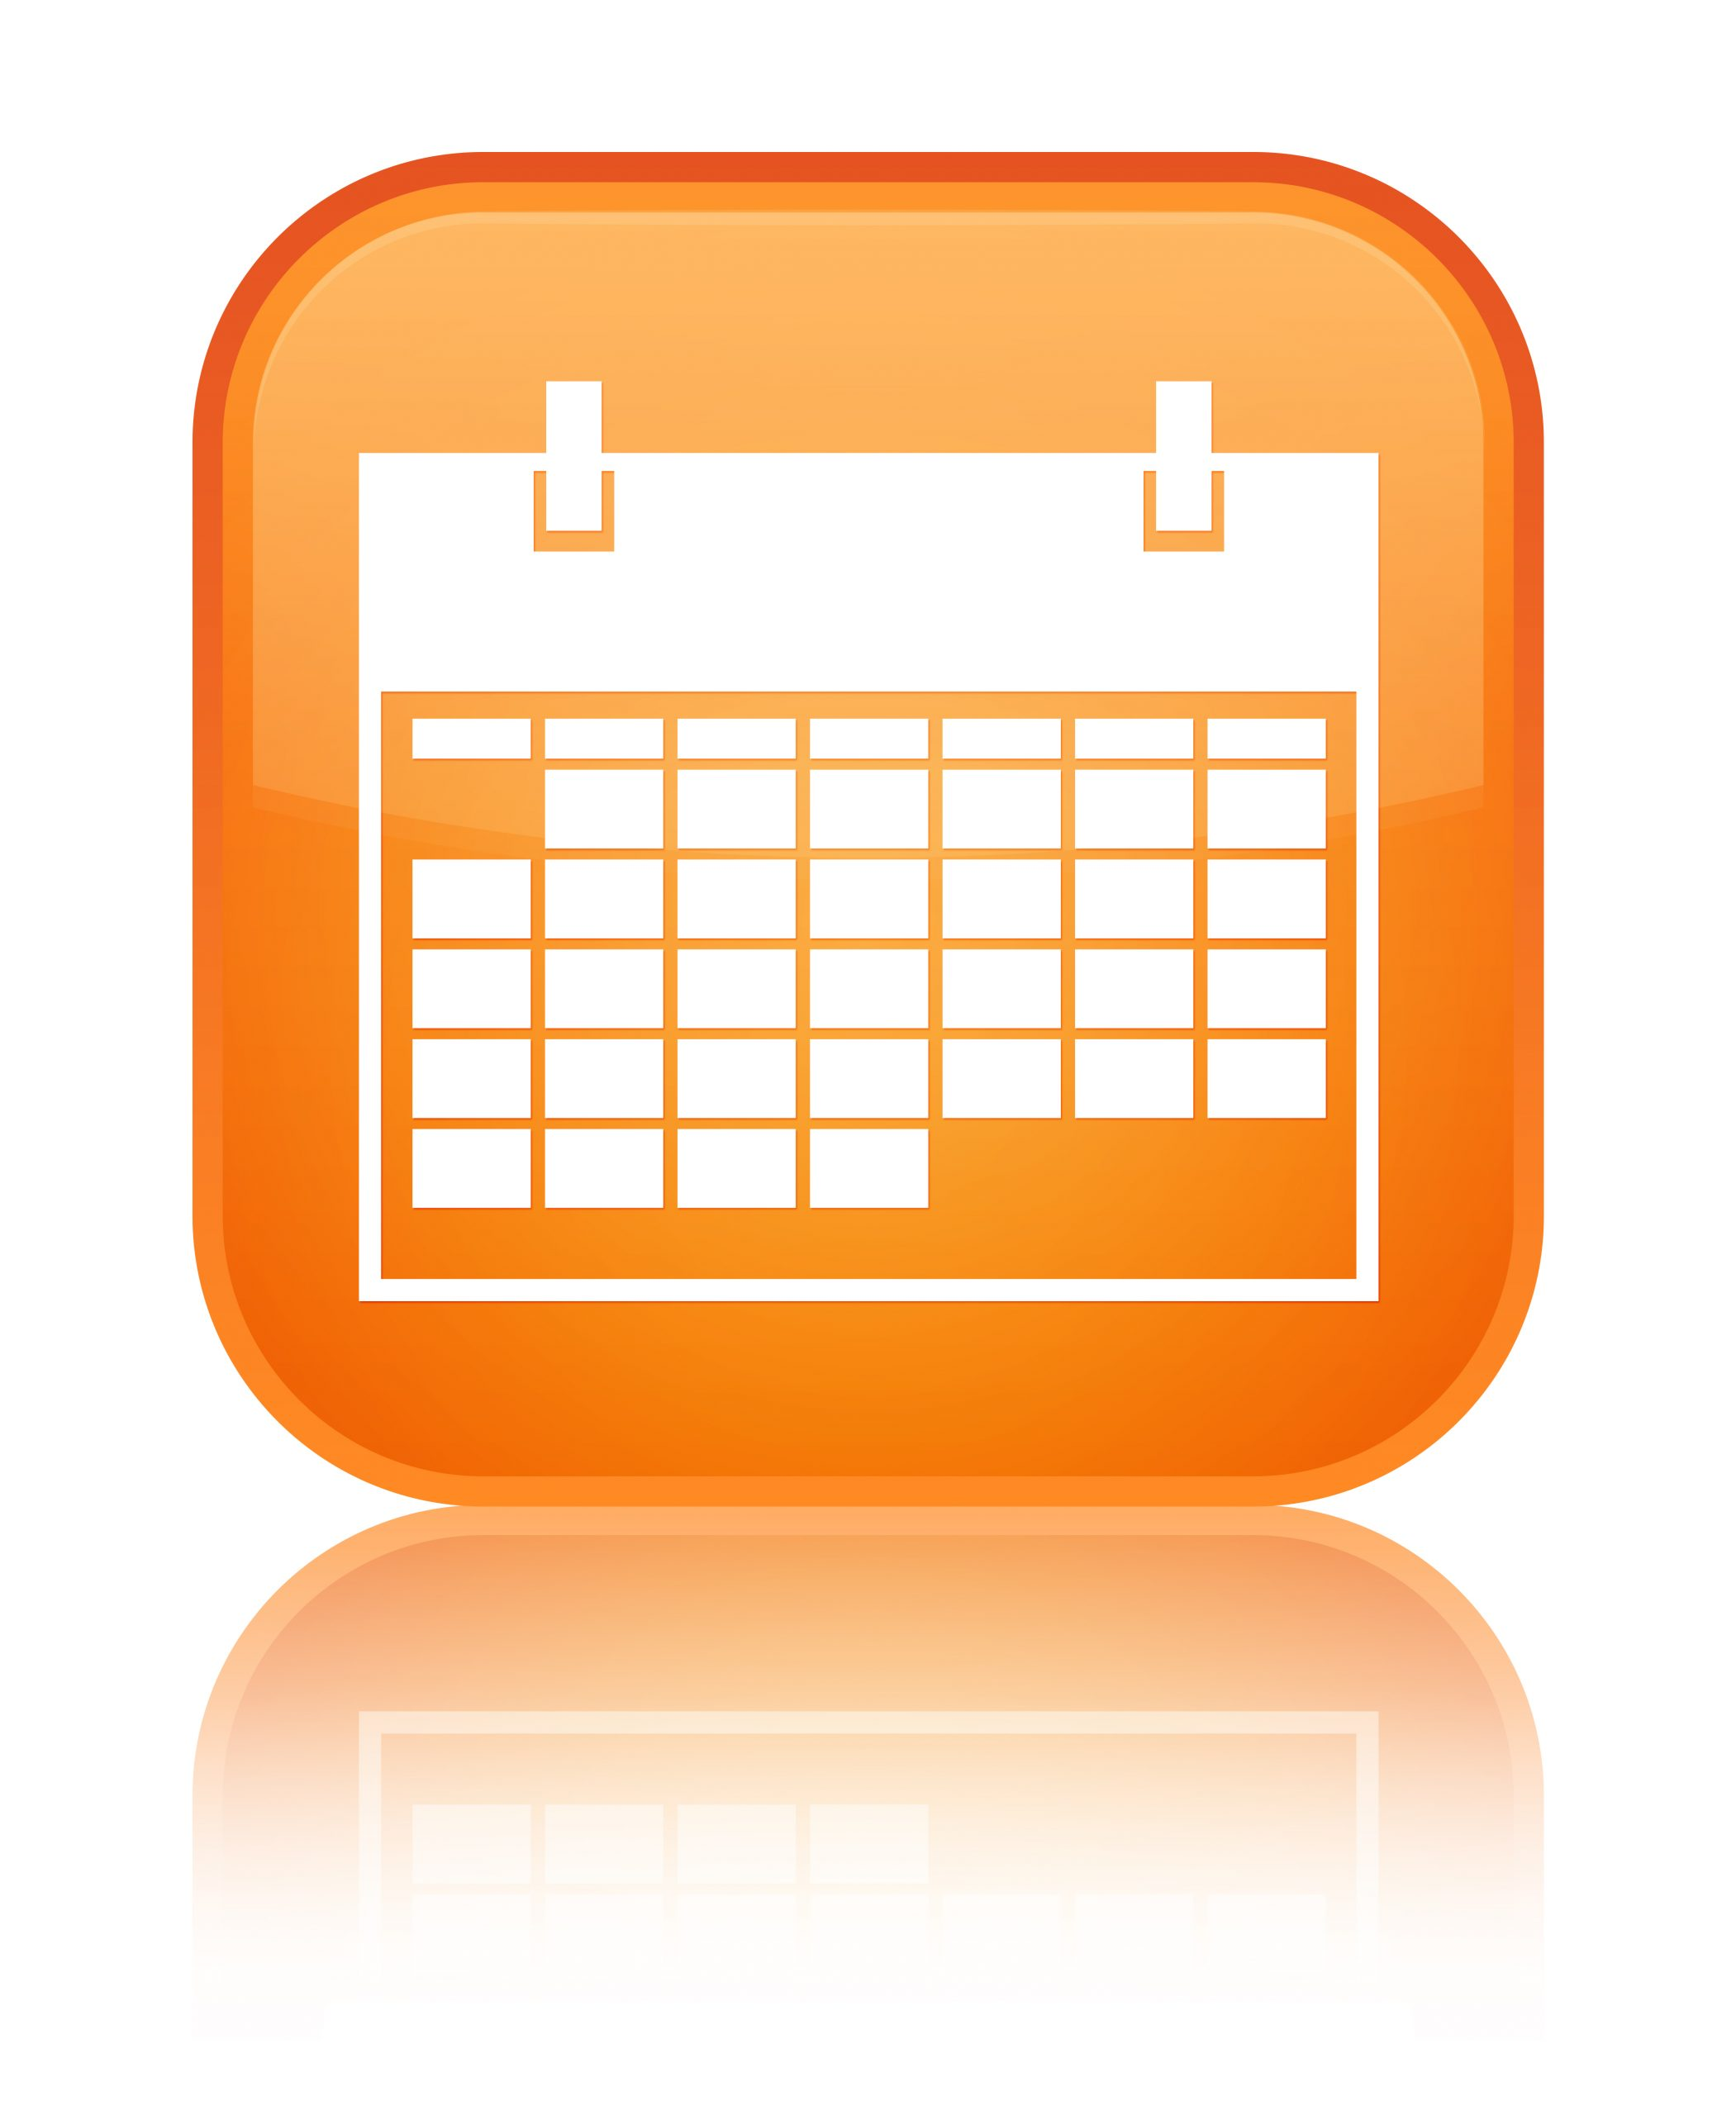 Calendar,Icon,Glossy,Orange,Reflected,Square,Button